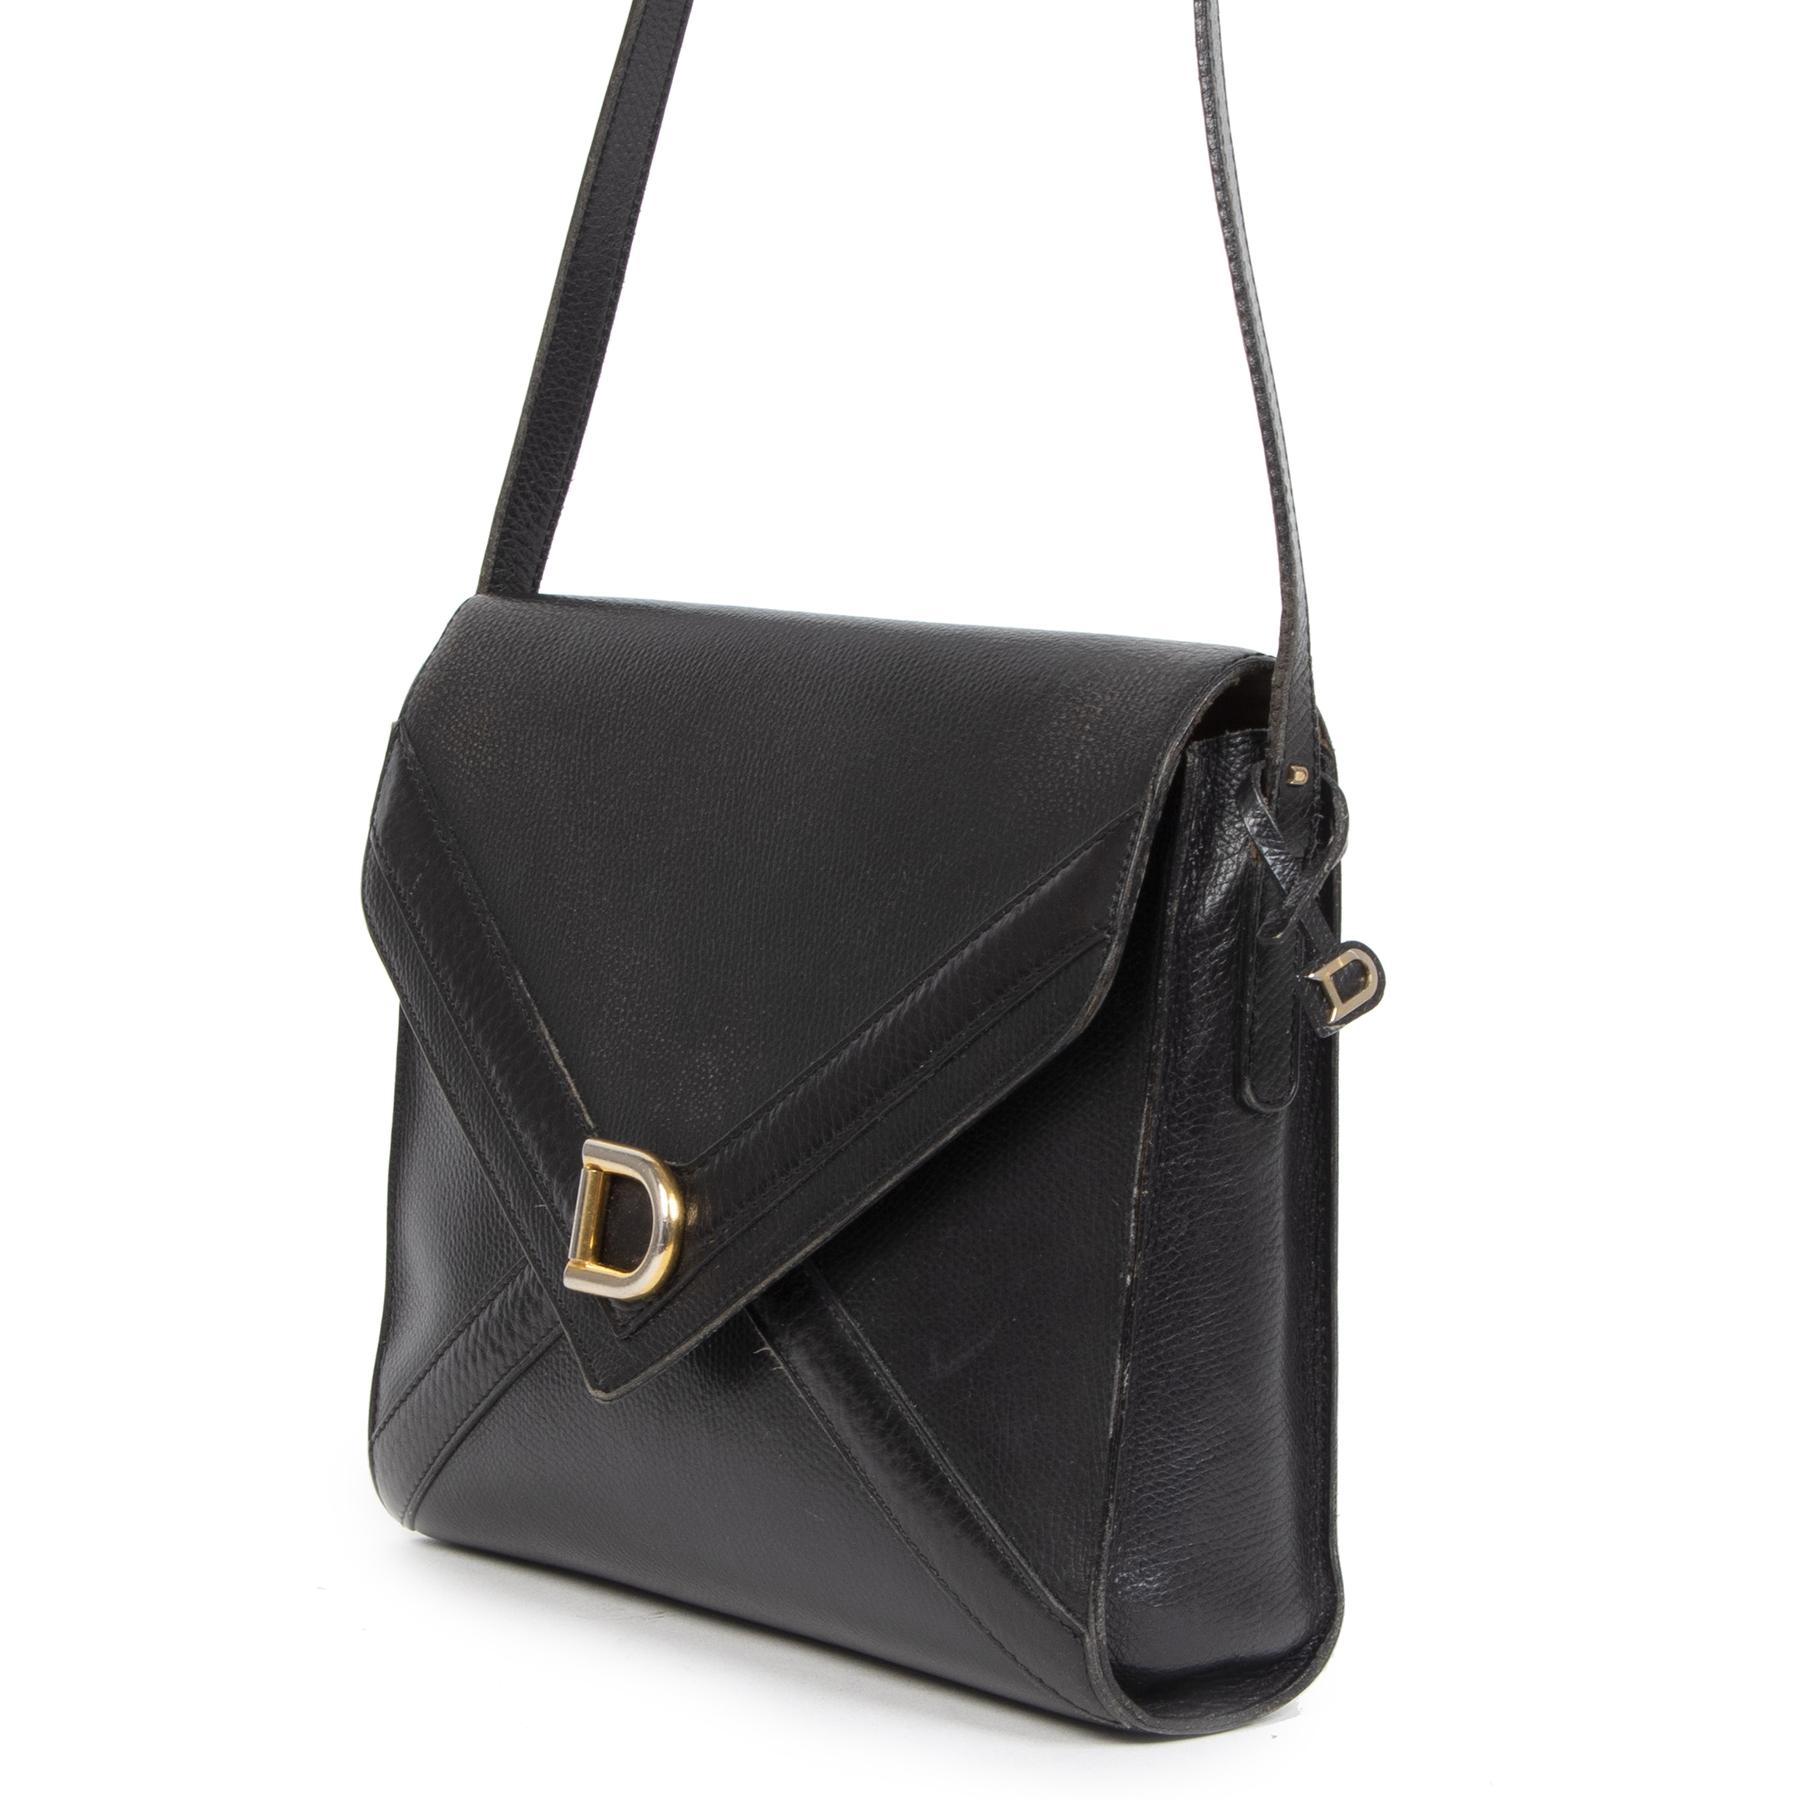 Authentieke Tweedehands Delvaux Black Leather Envelope Shoulder Bag juiste prijs veilig online shoppen luxe merken webshop winkelen Antwerpen België mode fashion